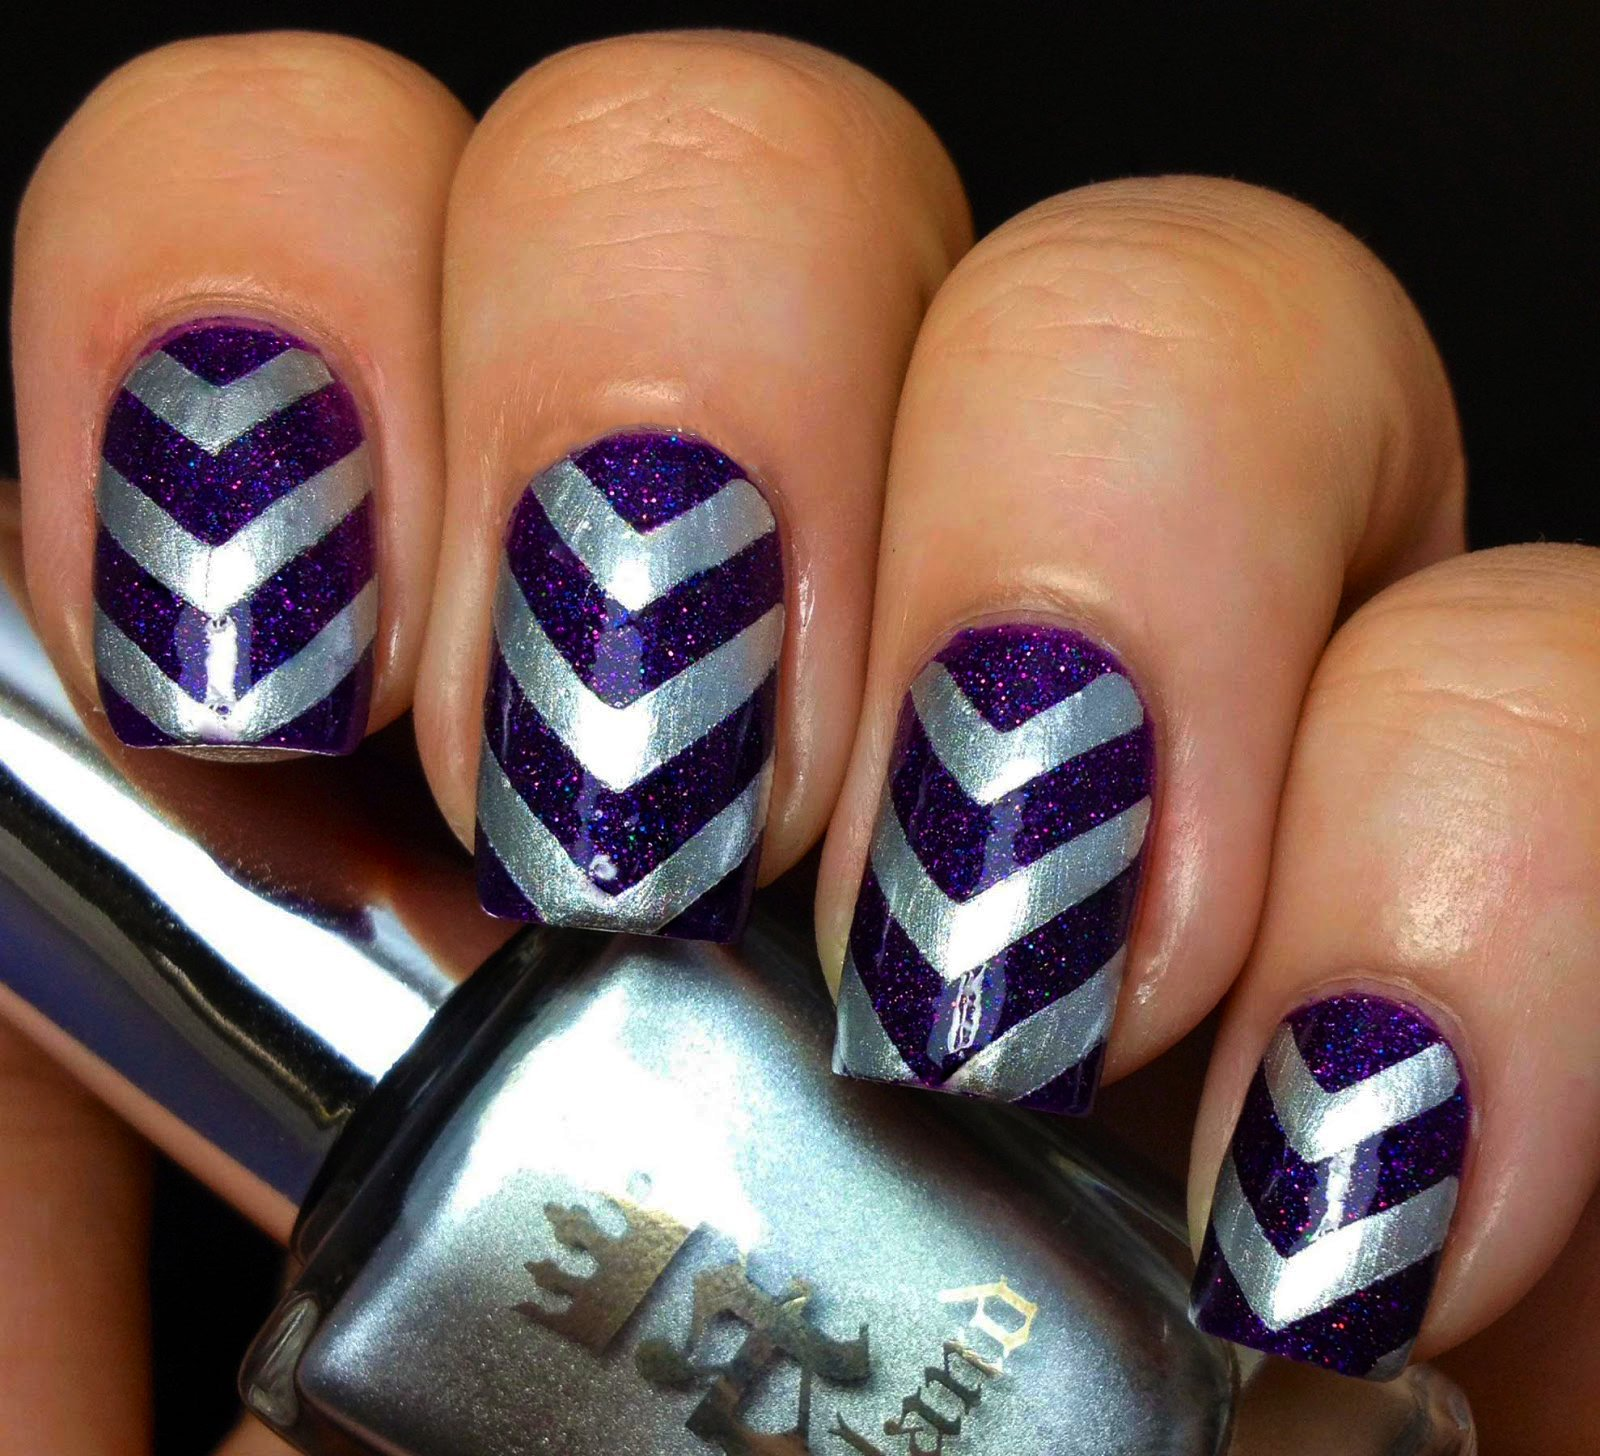 Diseño de uñas color morado con lineas color plateado